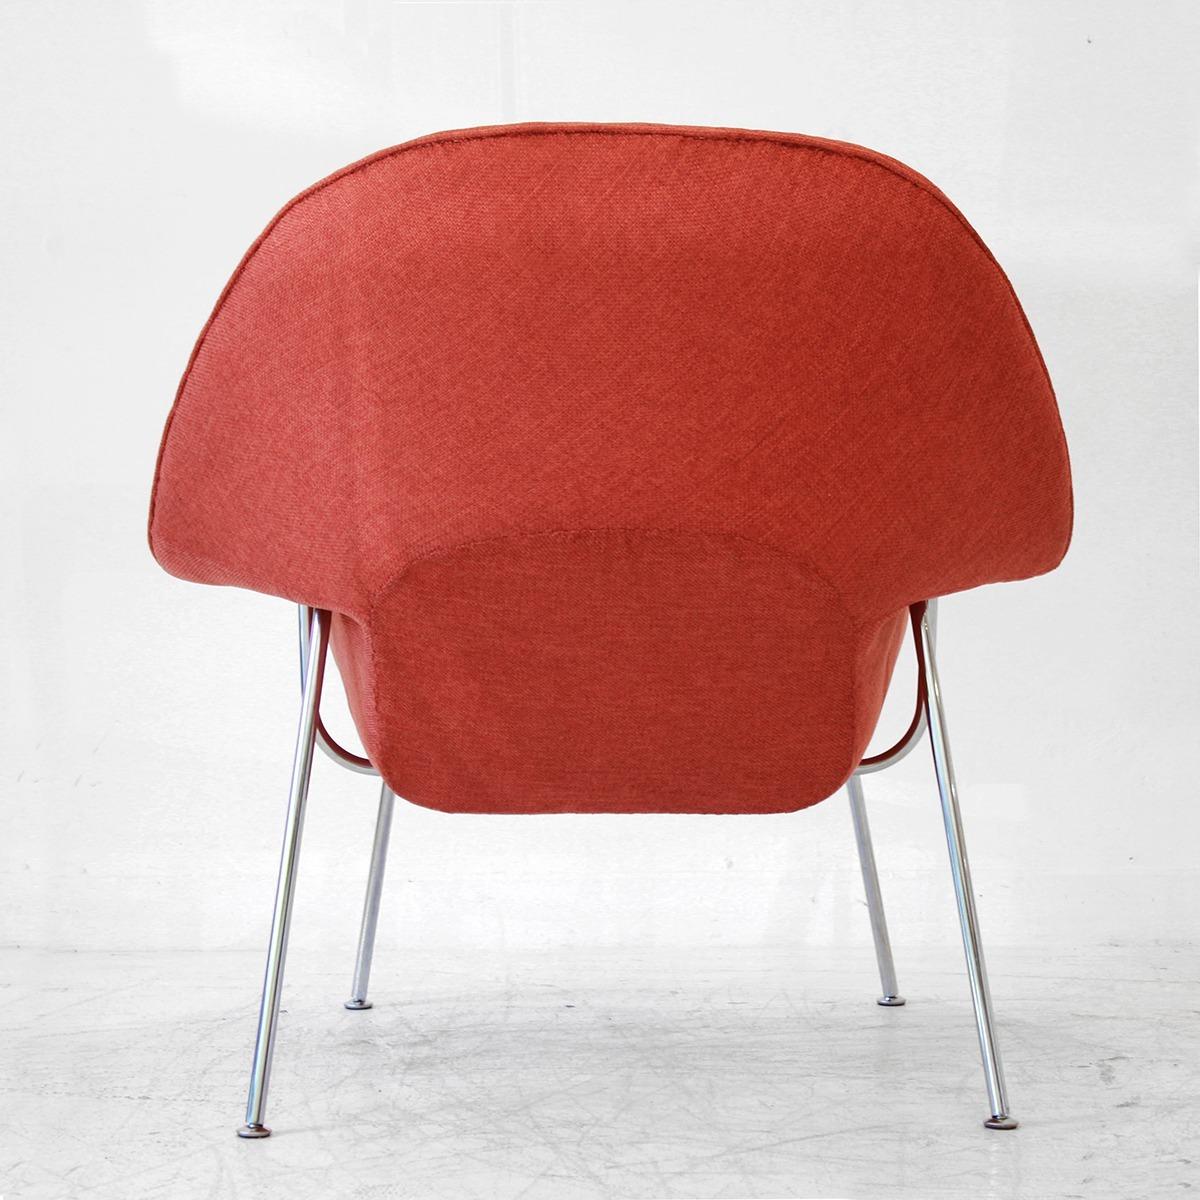 Sillon Eero Saarinen 38 000 00 En Mercado Libre # Muebles Eero Saarinen